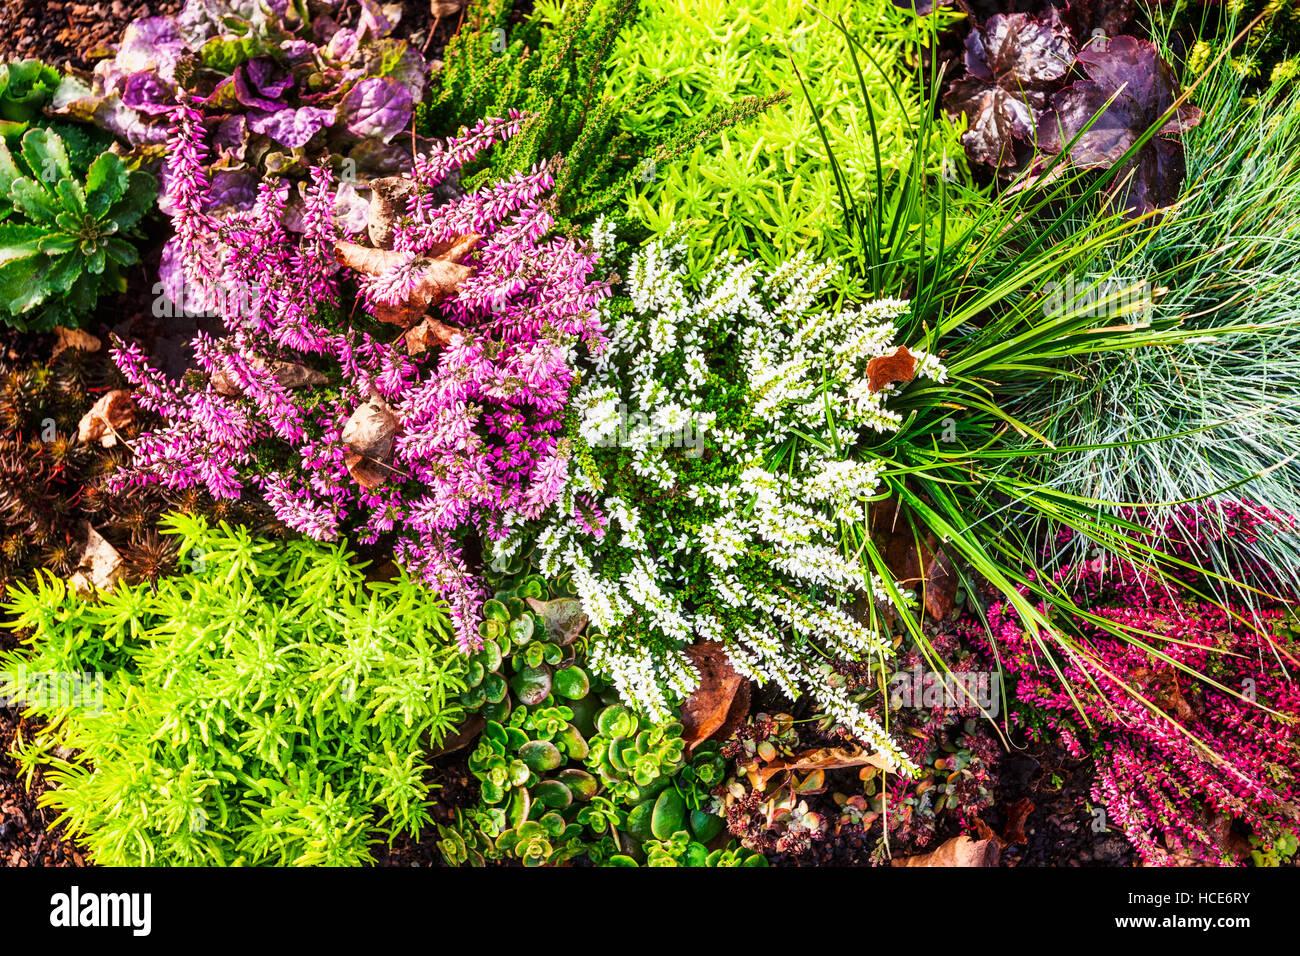 herbstblumen blumenbeet mit rosa heidekraut rasen und pflanzen floraler hintergrund grab. Black Bedroom Furniture Sets. Home Design Ideas